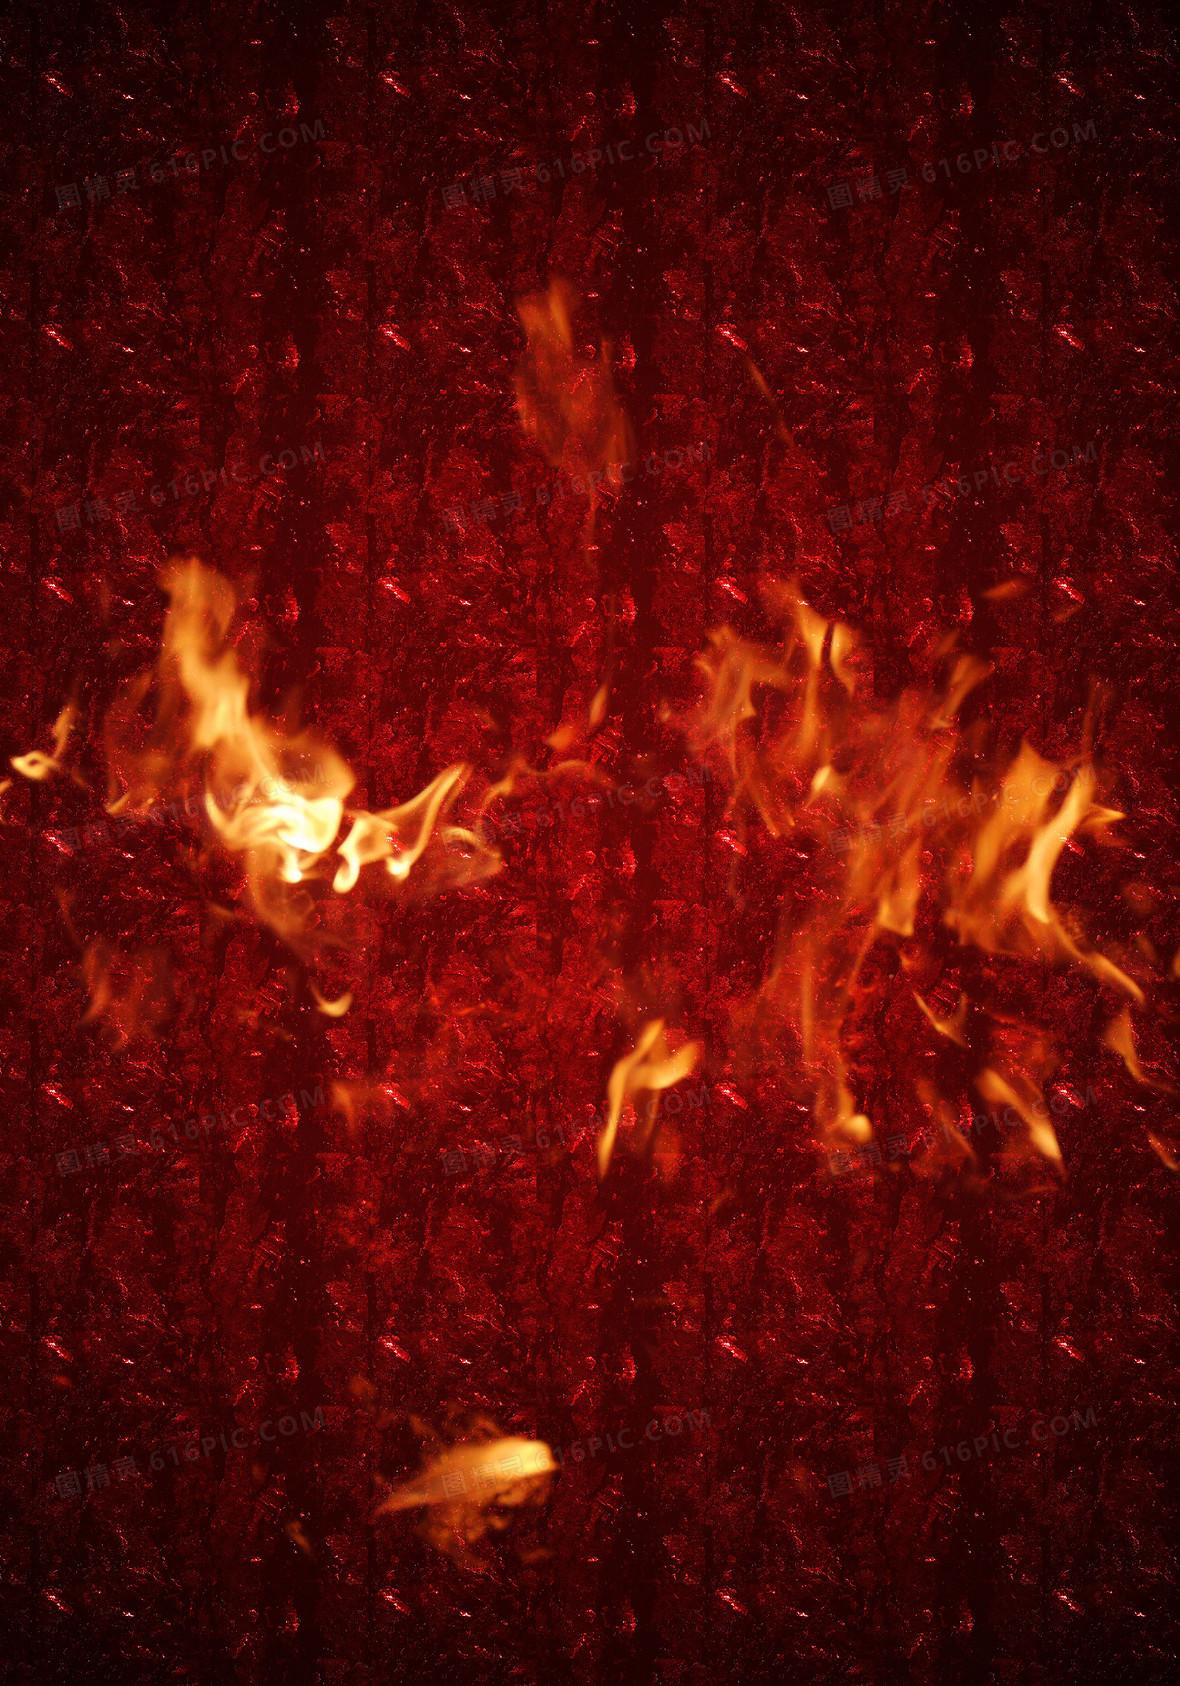 燃烧的火苗背景素材